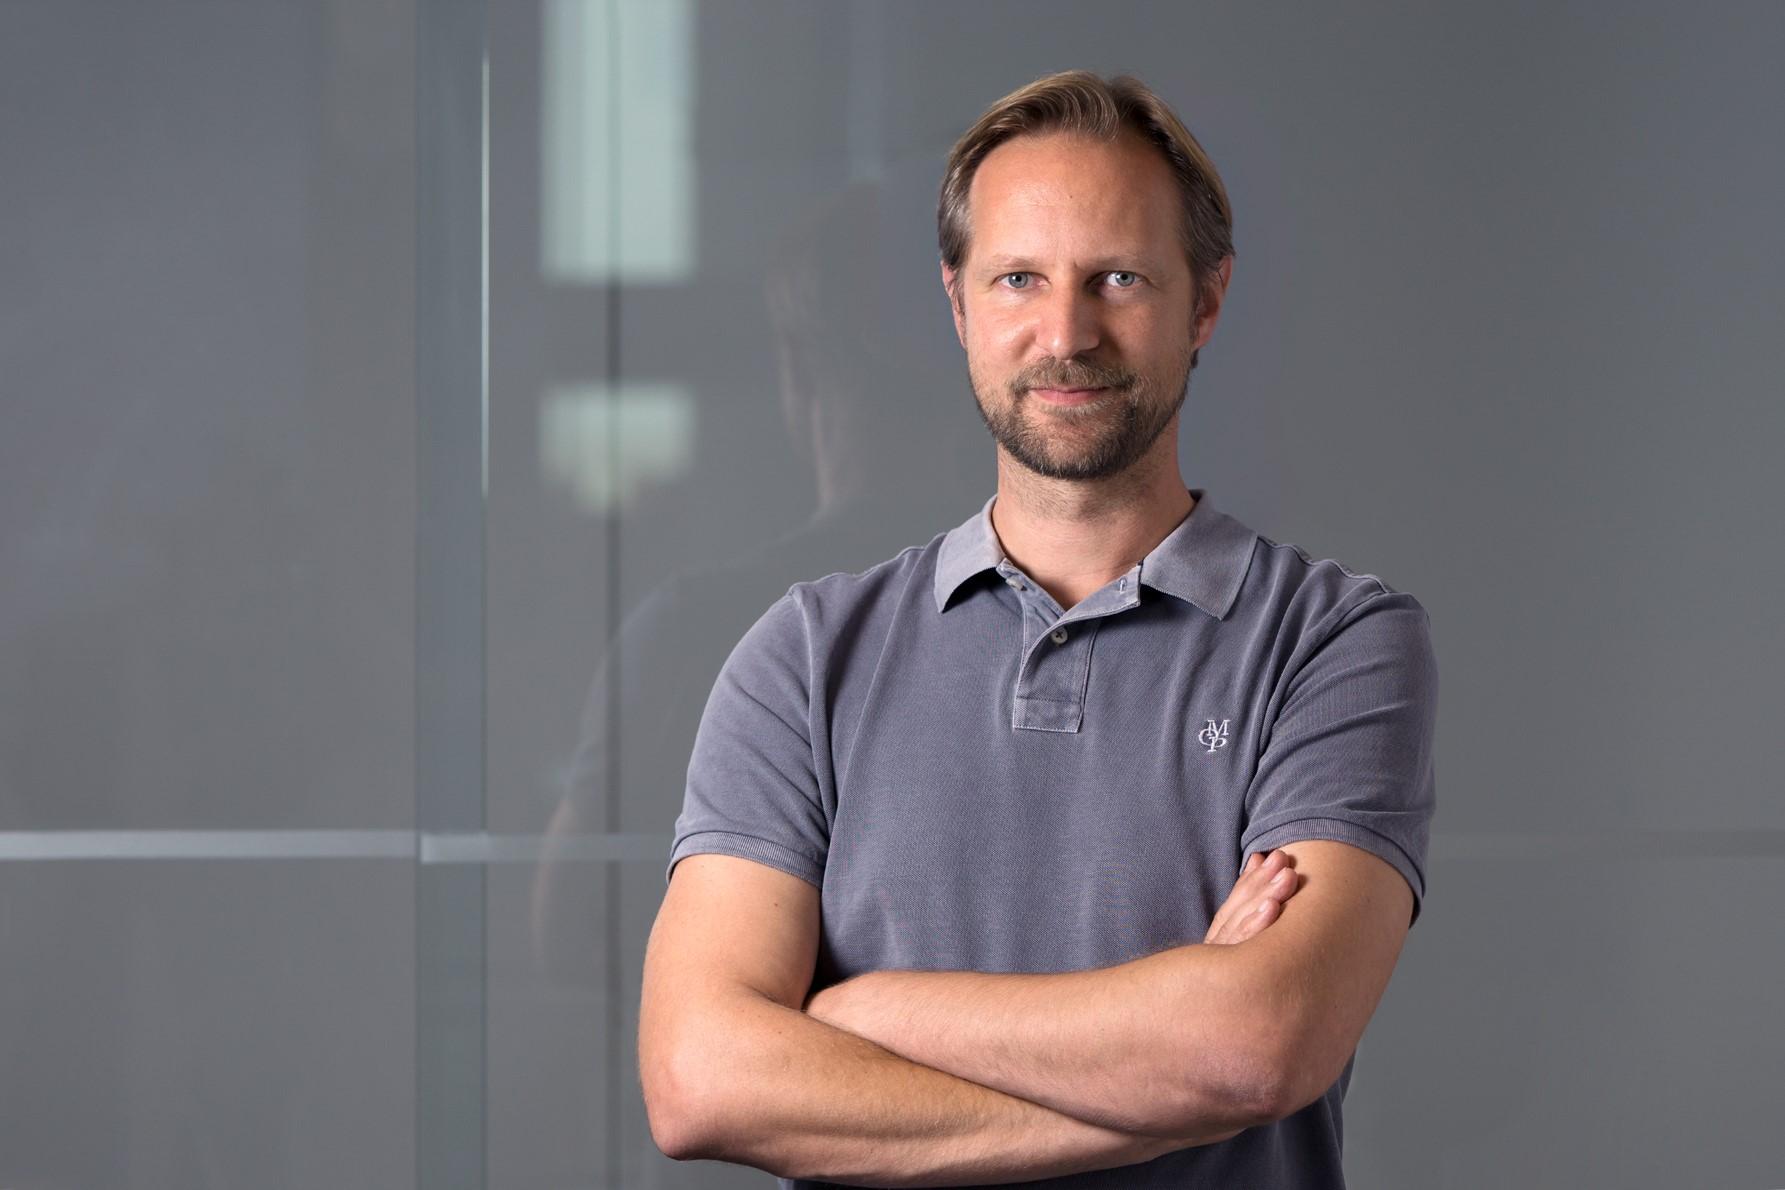 Timo Anden ist Geschäftsführer von Trakken GmbH.